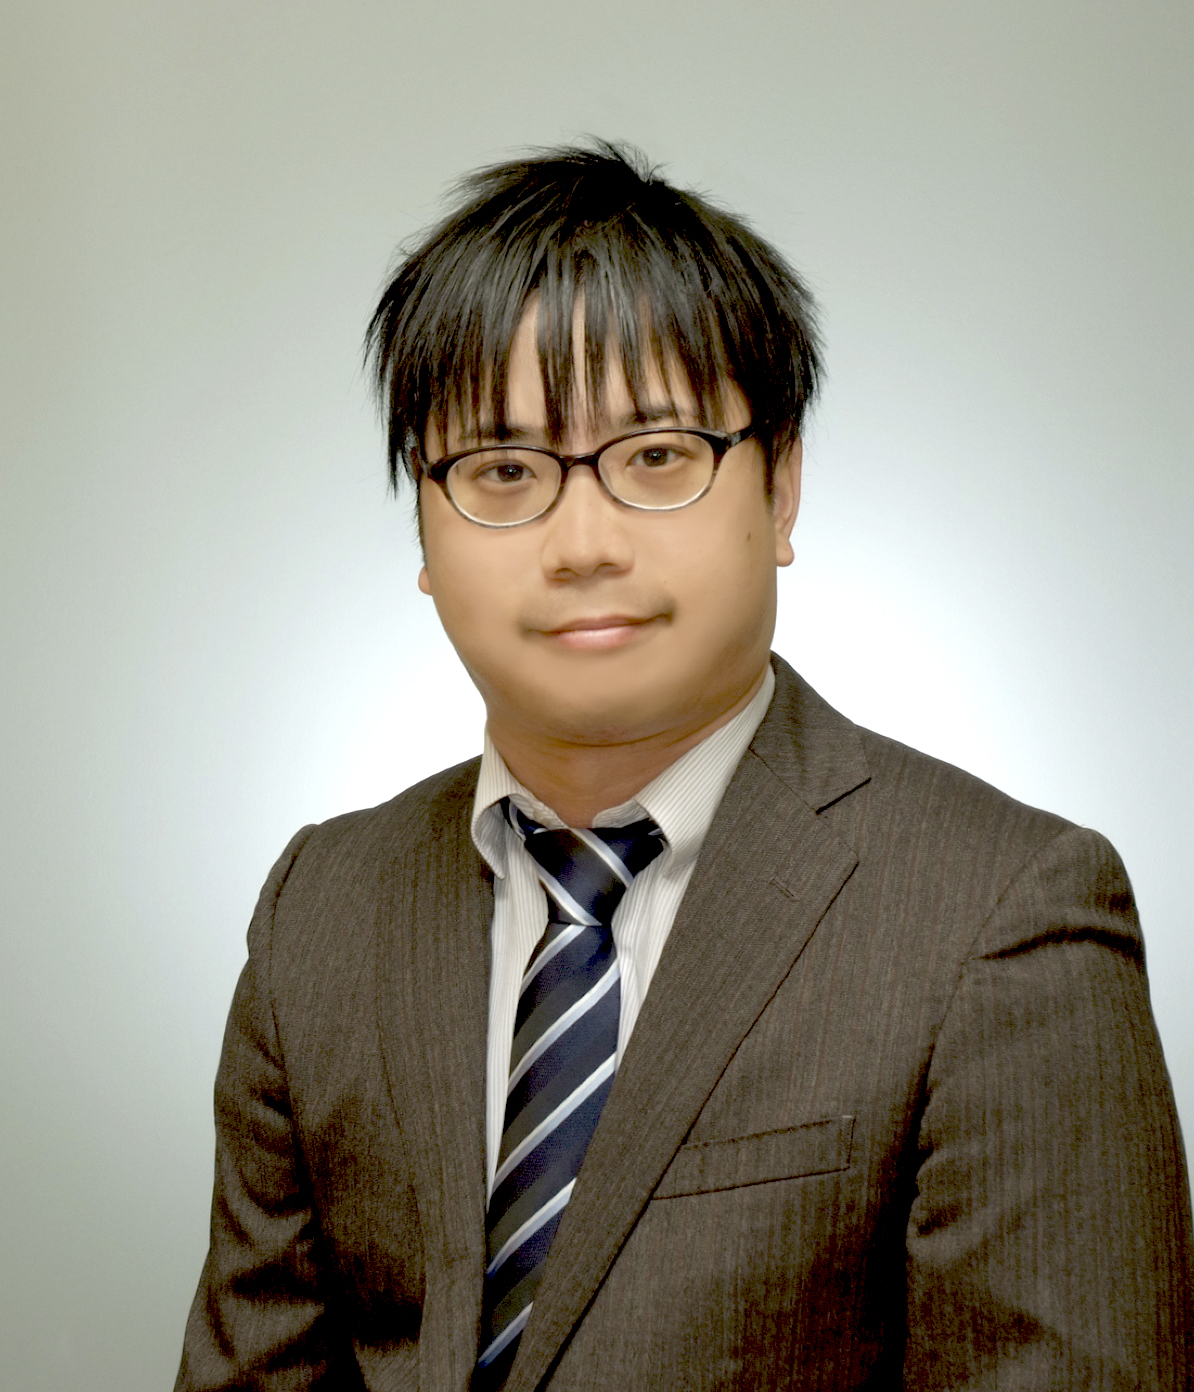 Tatsuhiro Fukuzawa